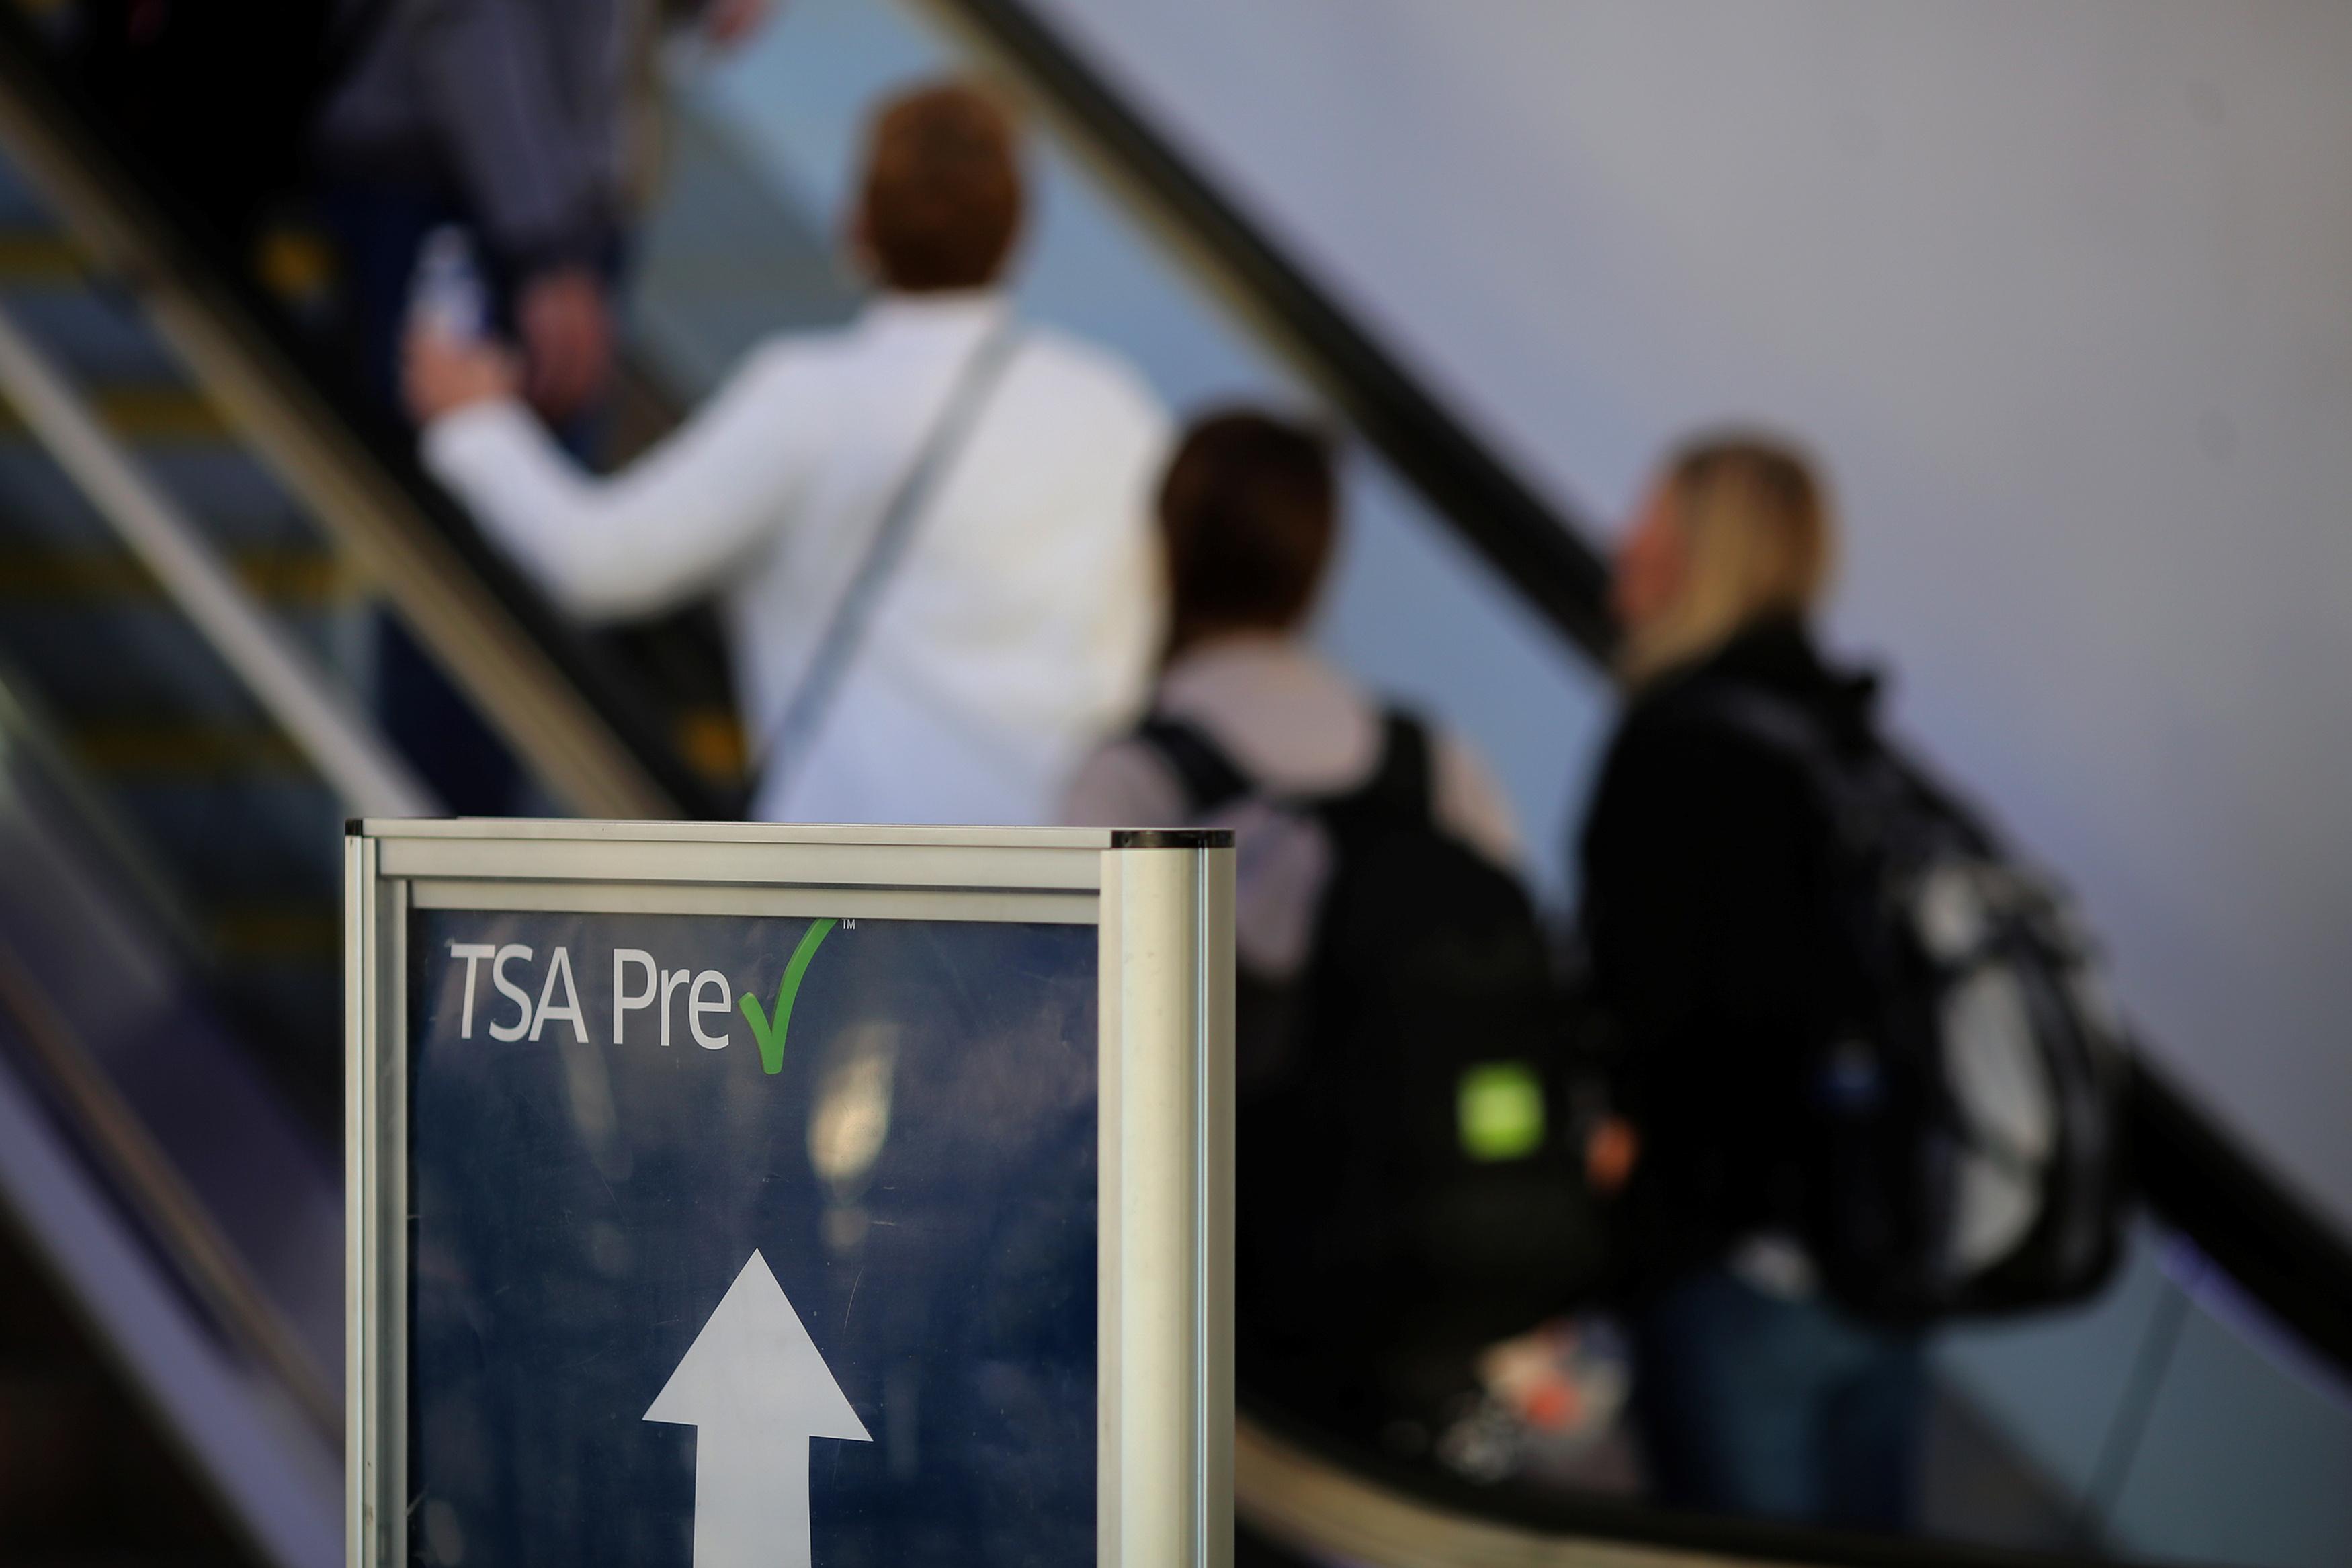 TSA Pre-check sign in front of escalator